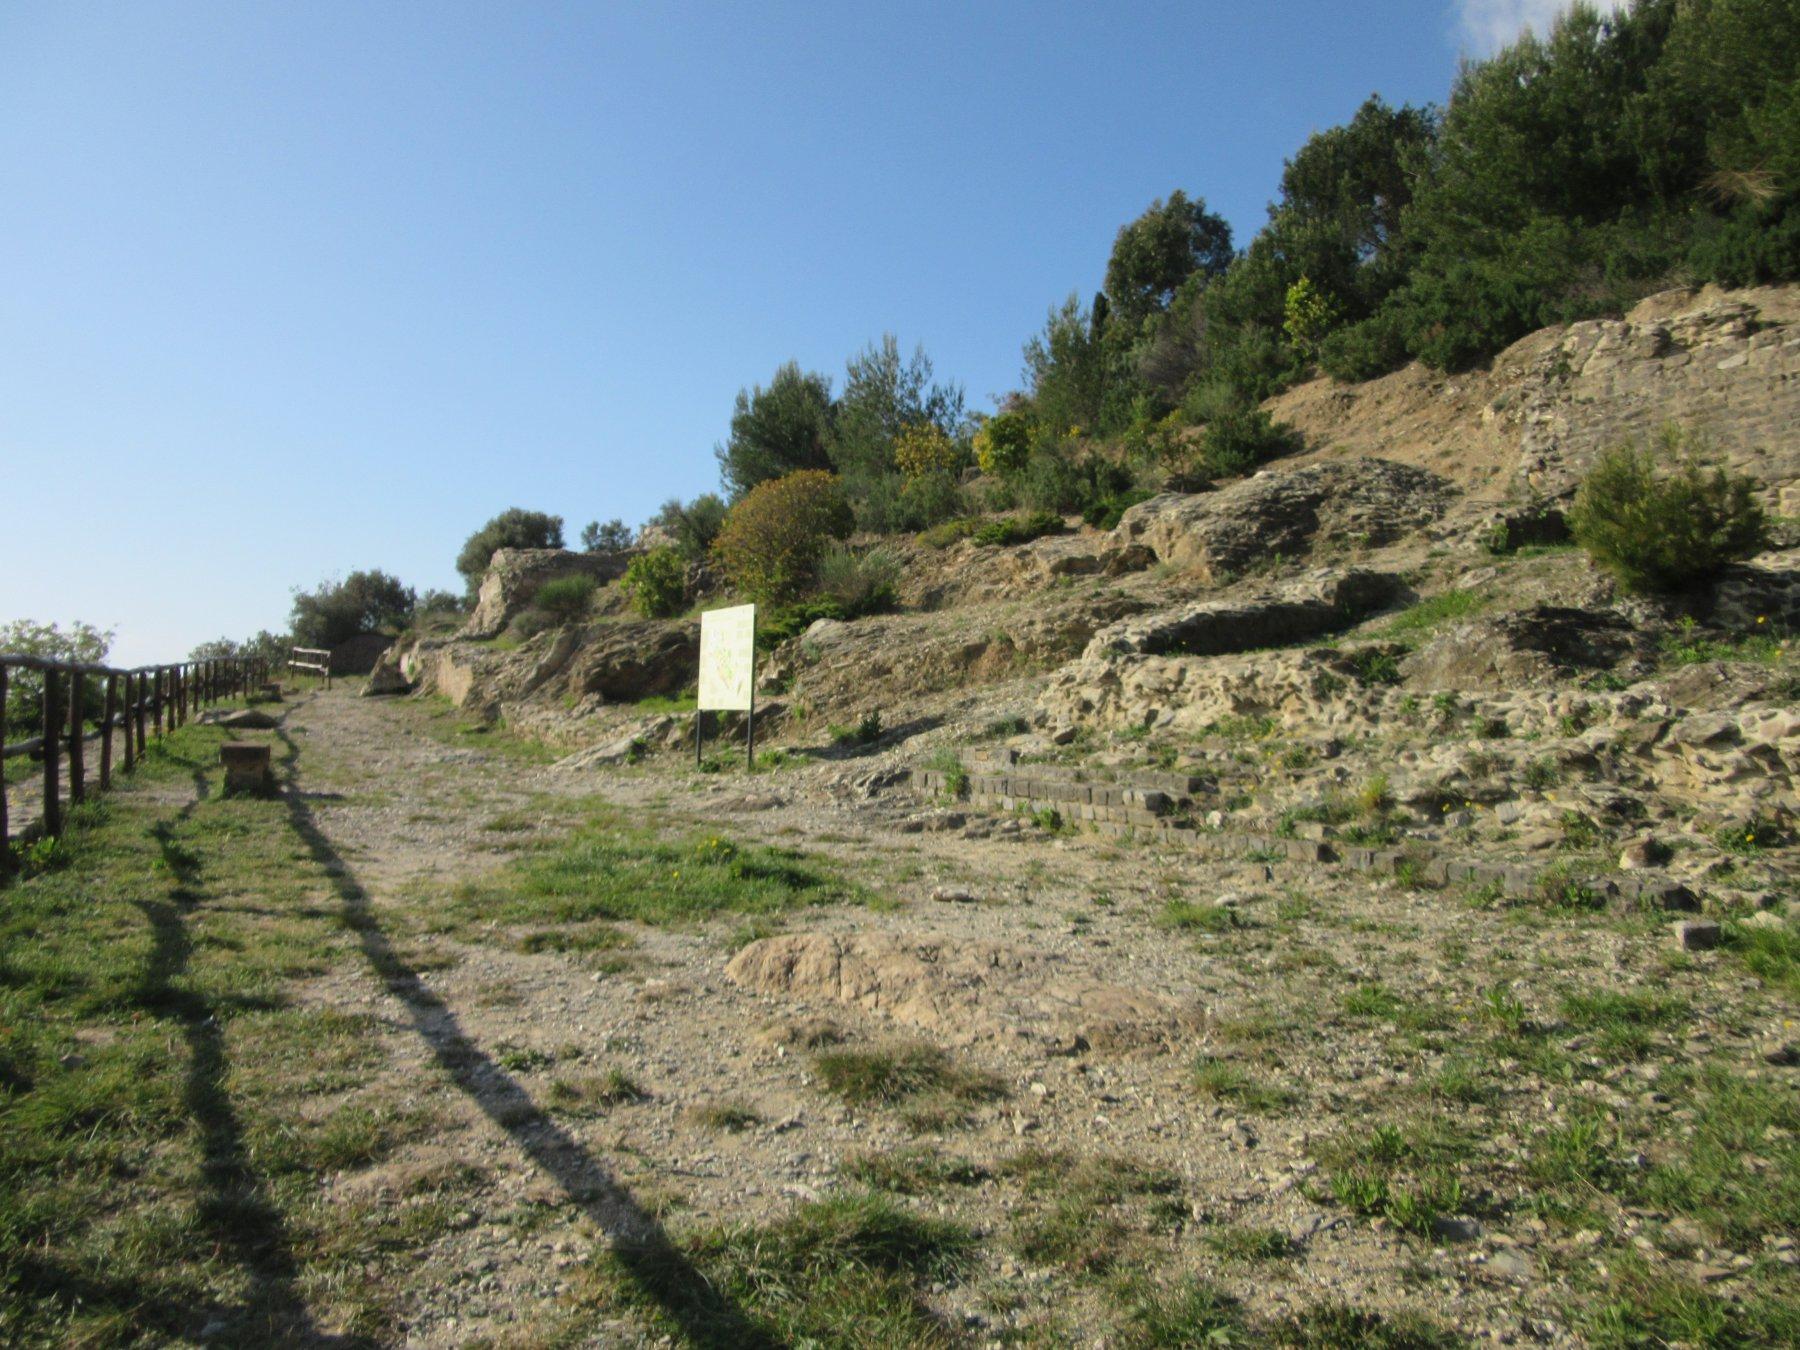 Resti di tombe romane lungo l'antica via romana